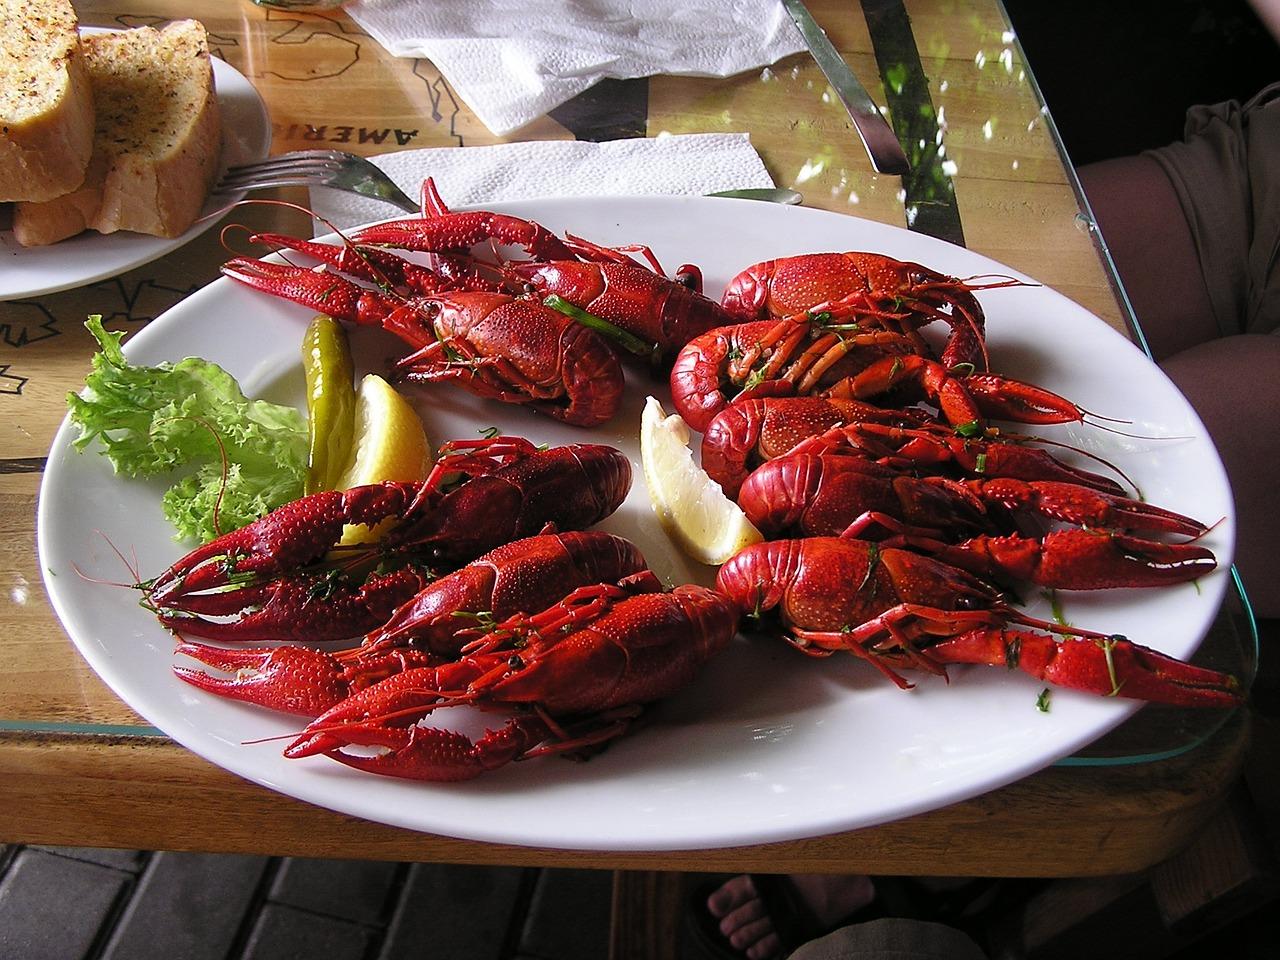 The 10 Best Restaurants In La Crosse Wisconsin